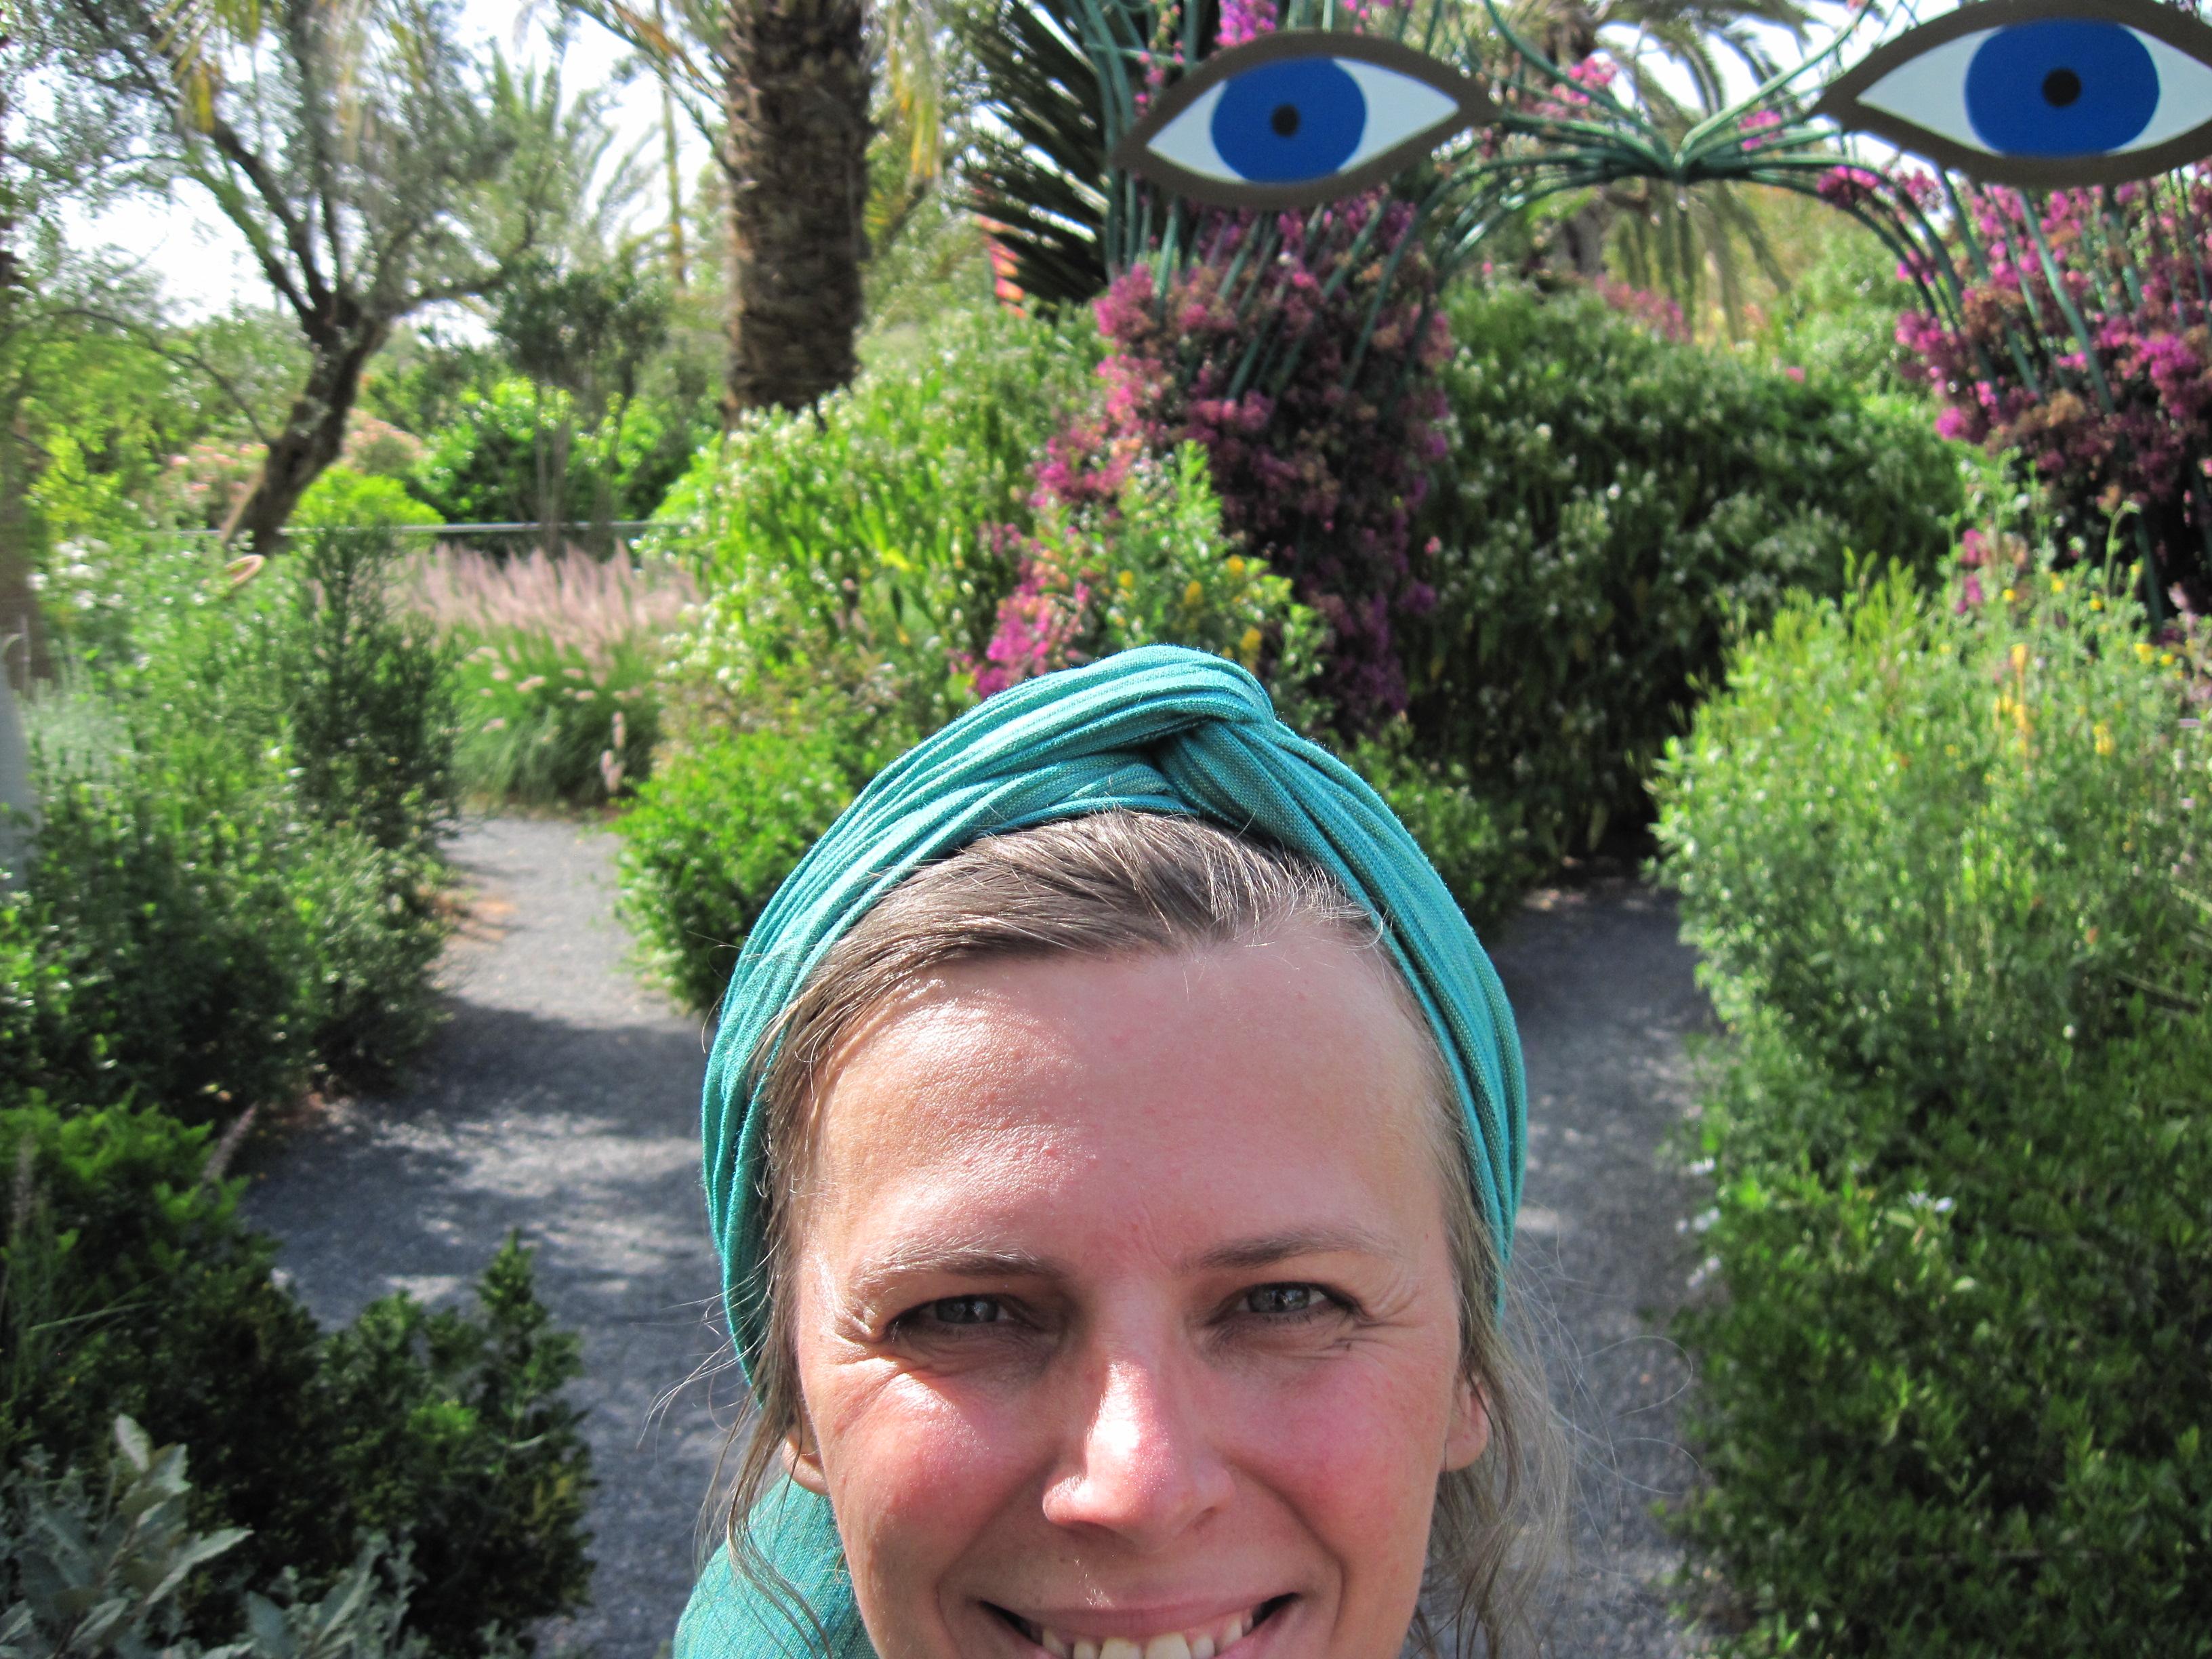 Roswitha-in-Hellers-Garten/Marokko